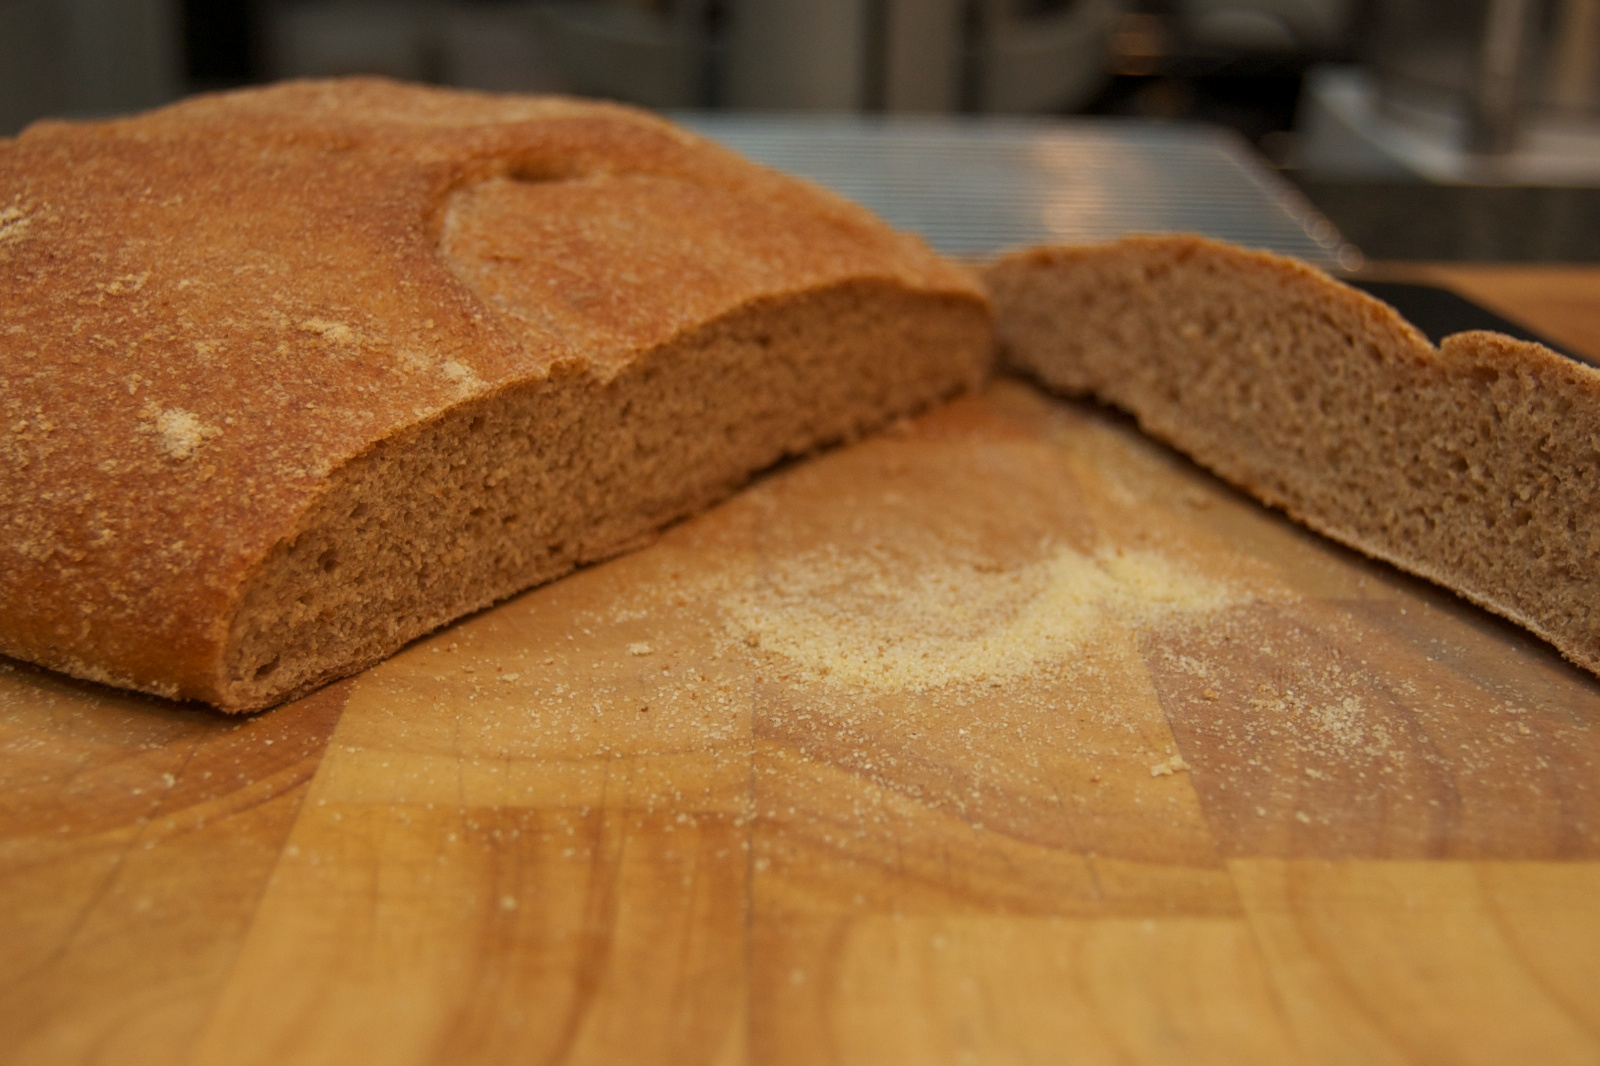 http://blog.rickk.com/food/2011/01/15/ciabatta5.jpg